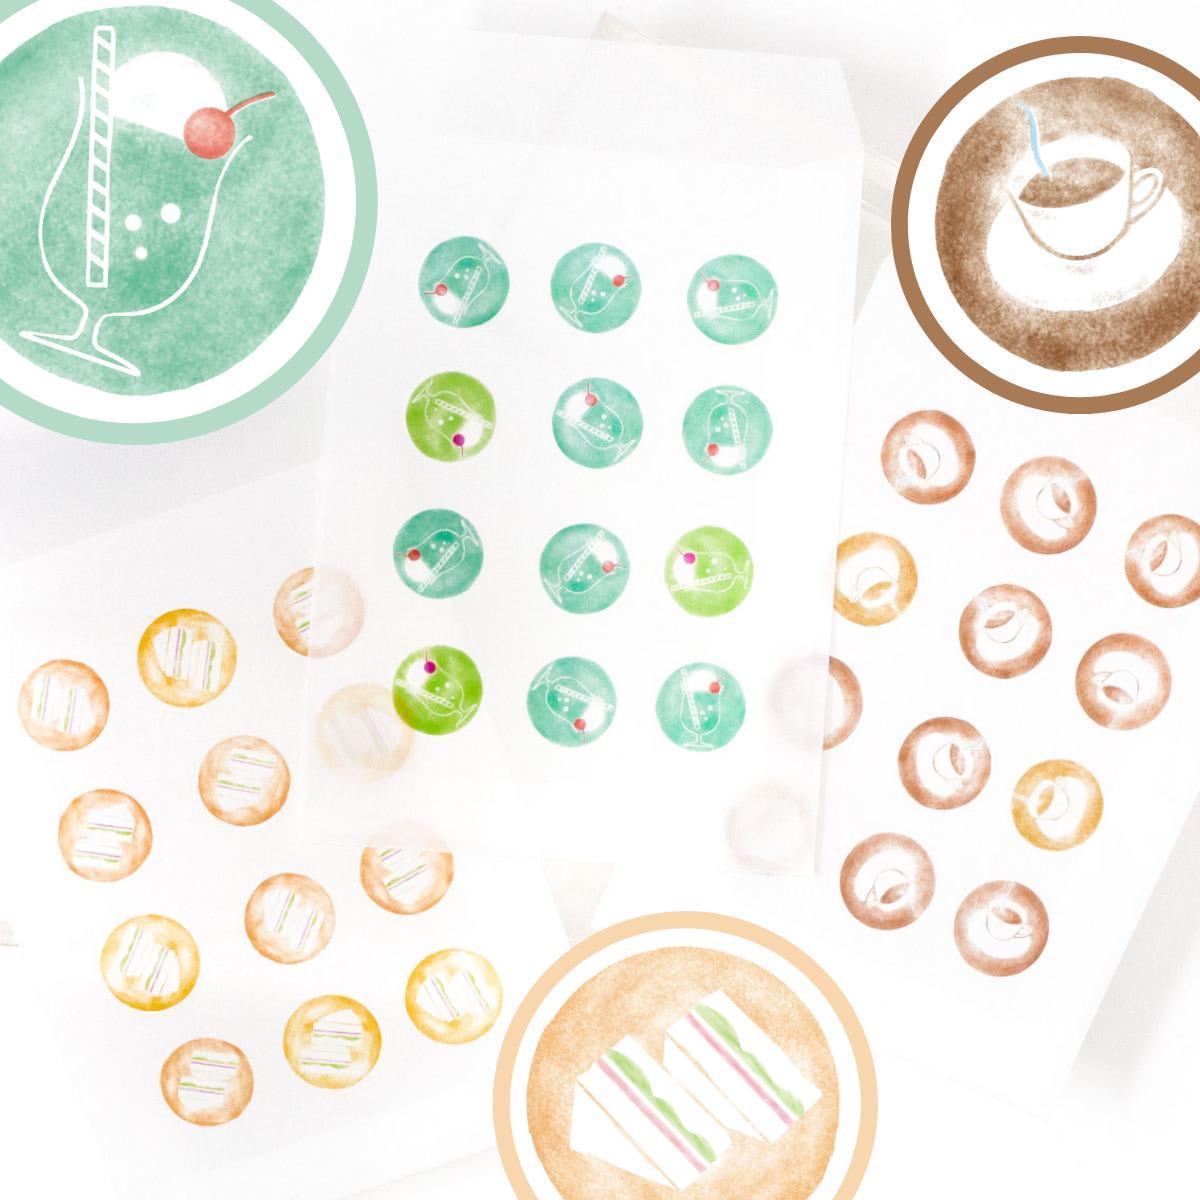 グラシン封筒 喫茶店をイメージしたクリームソーダ・コーヒー・サンドイッチ